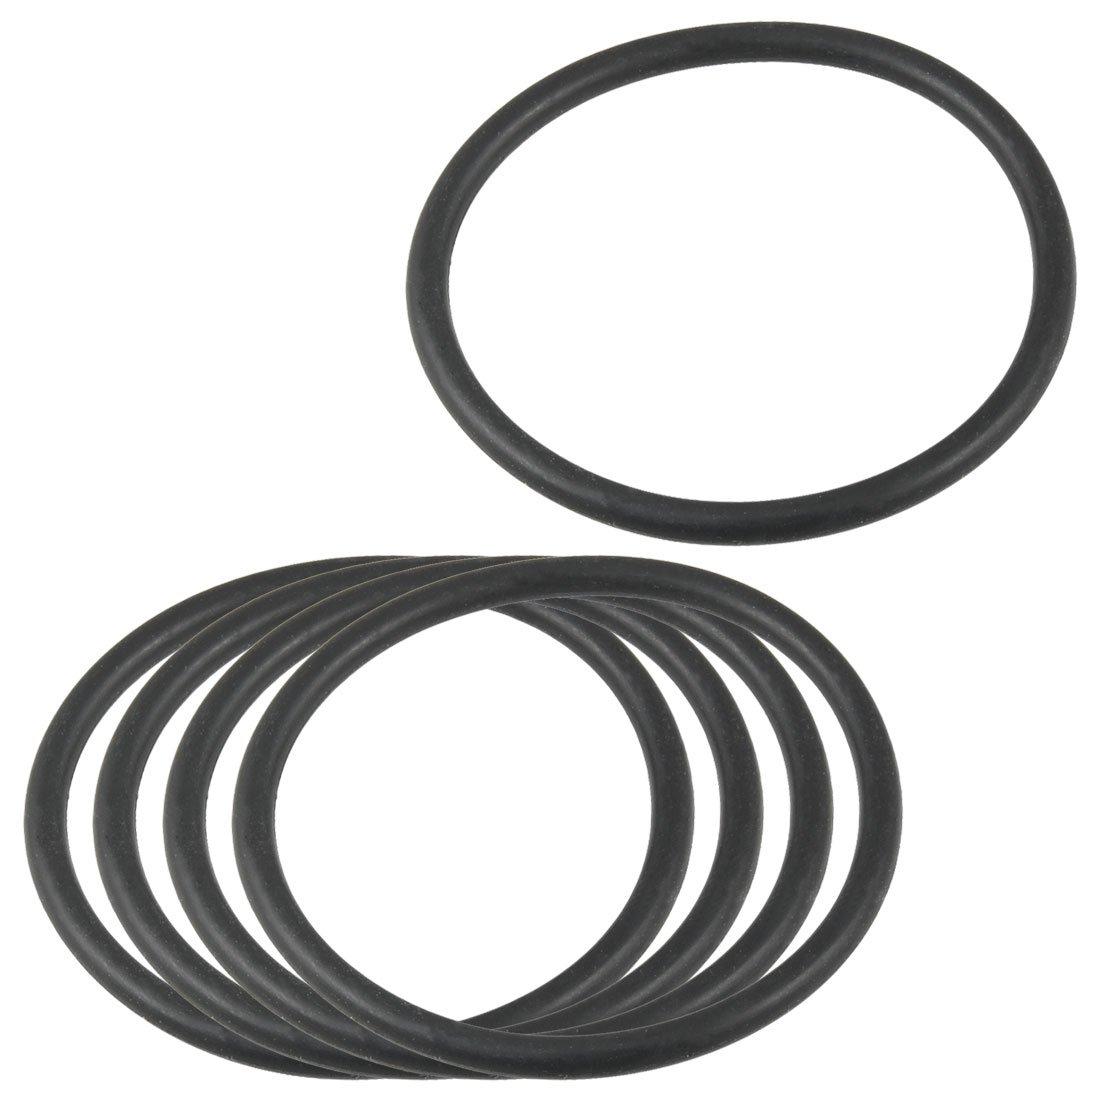 5 piezas 54 mm x 47 mm x 3, 5 mm arandela de goma Flexible O junta tó rica del negro 5 mm arandela de goma Flexible O junta tórica del negro Sourcingmap a12092600ux0050